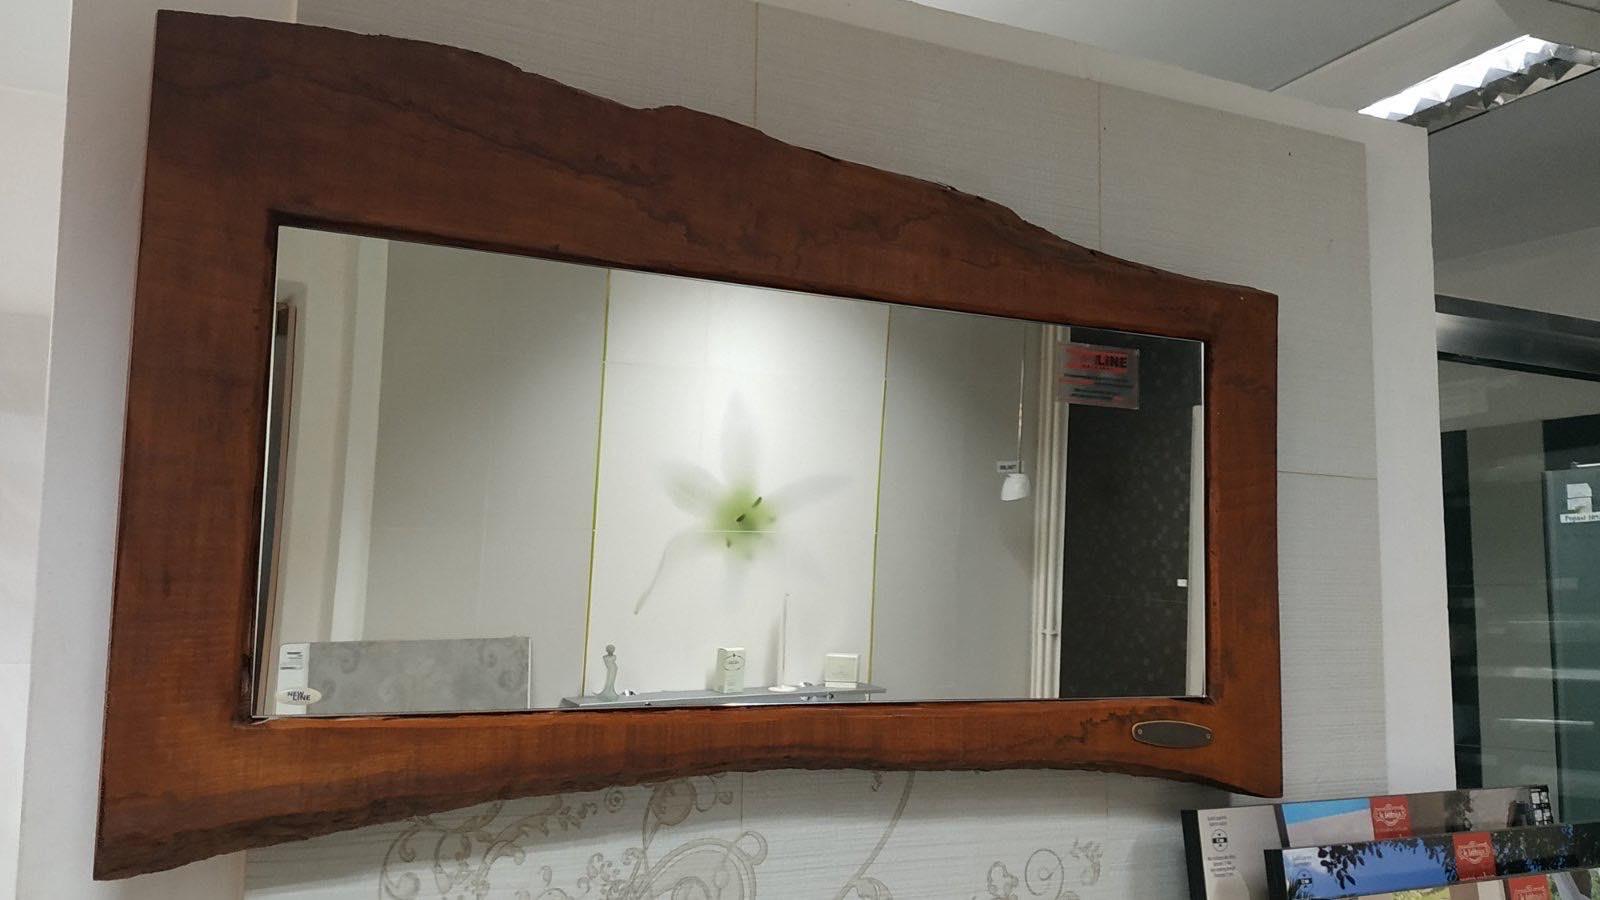 Ogledalo drvo novo Kupatila Online